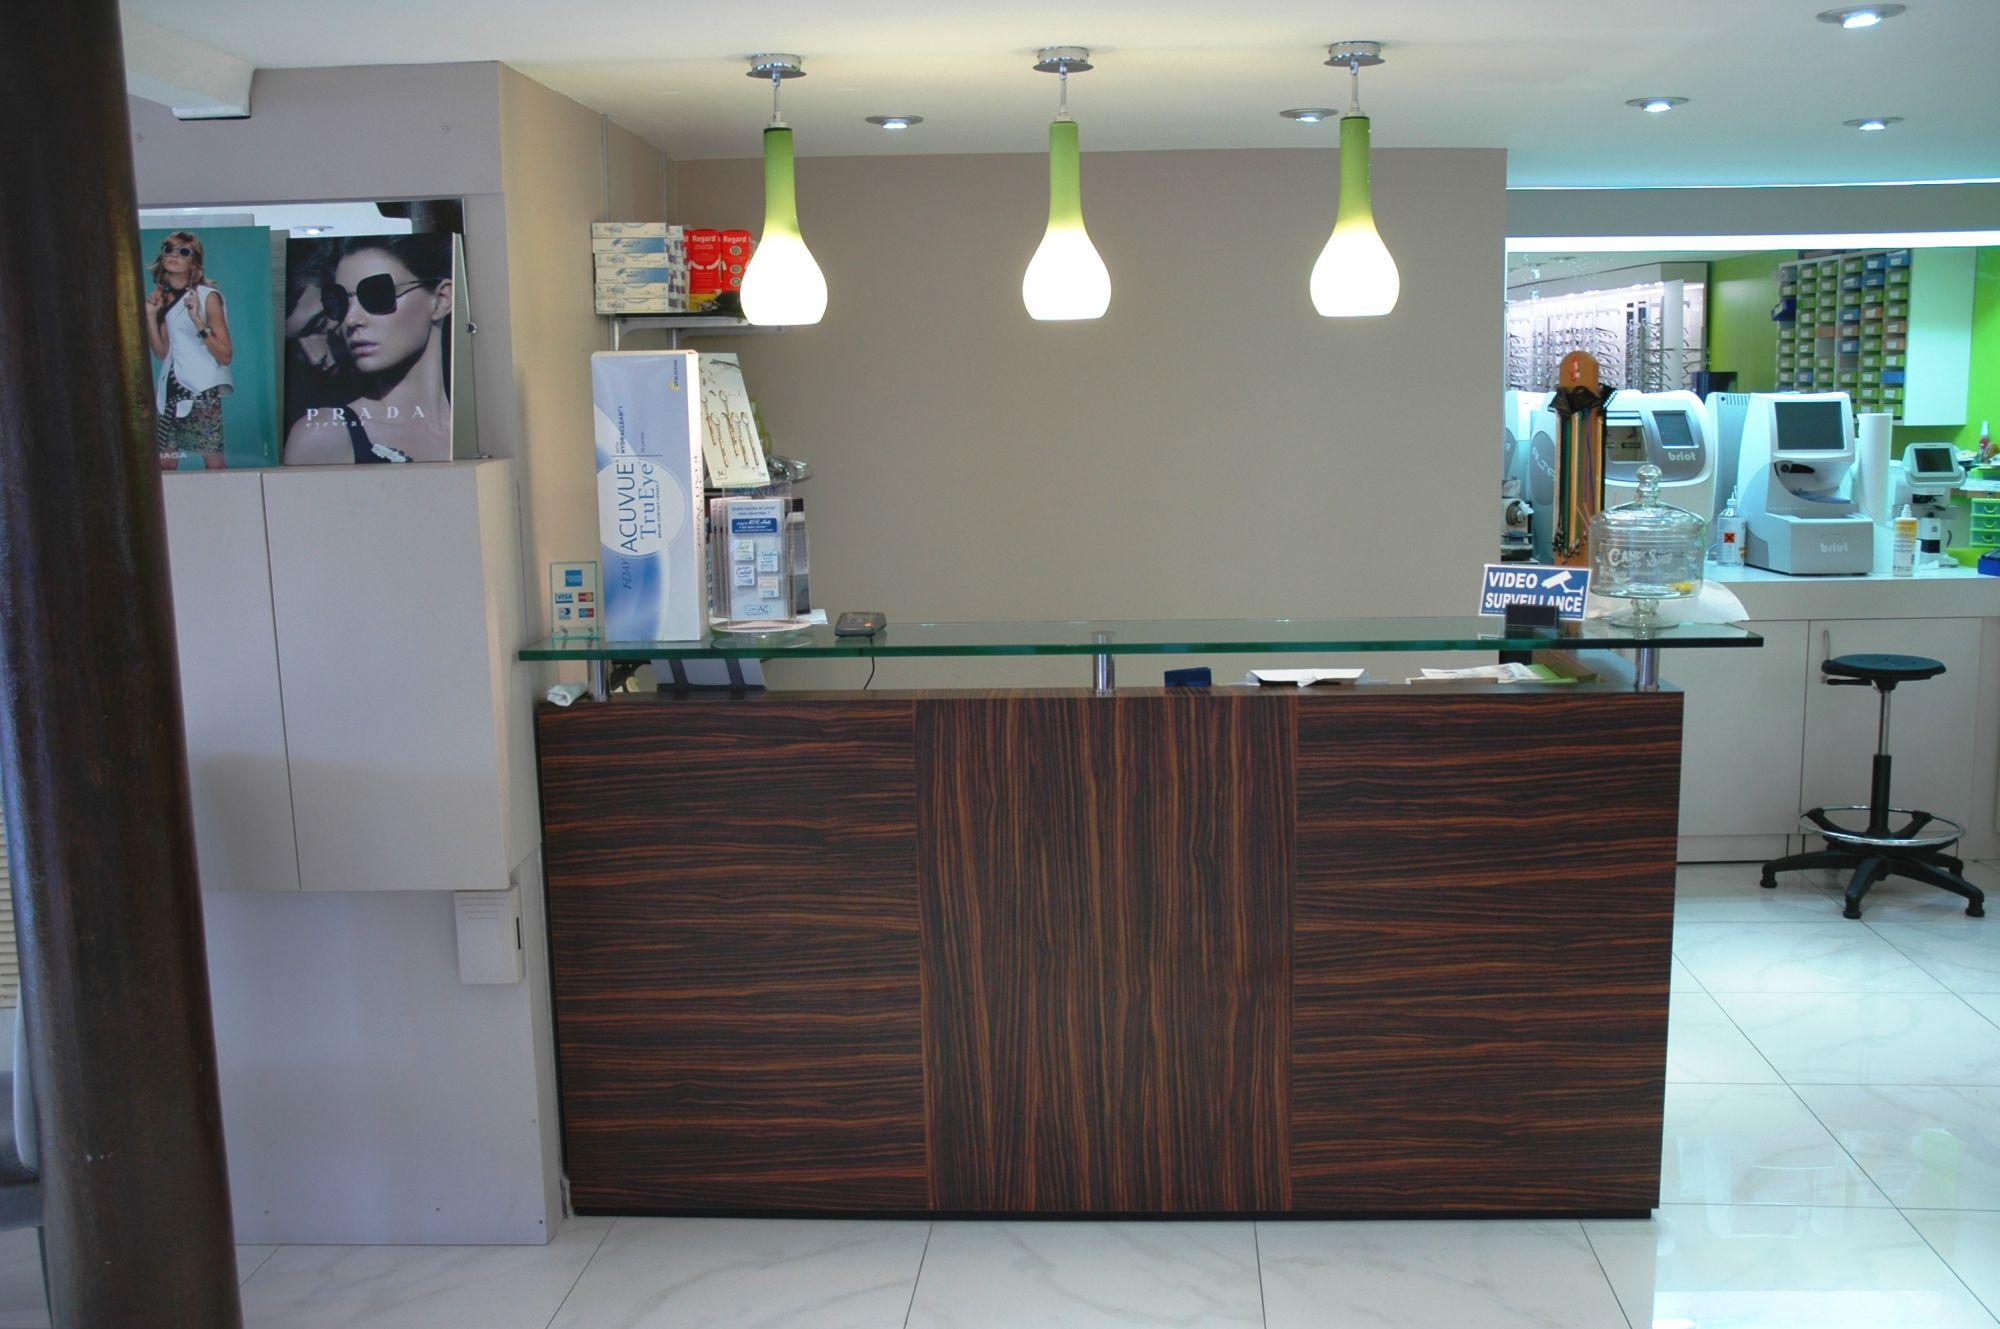 Fabrication de meubles sp cifiques la vente de lunettes pour un meilleur confort quotidien de for Meubles japonais marseille